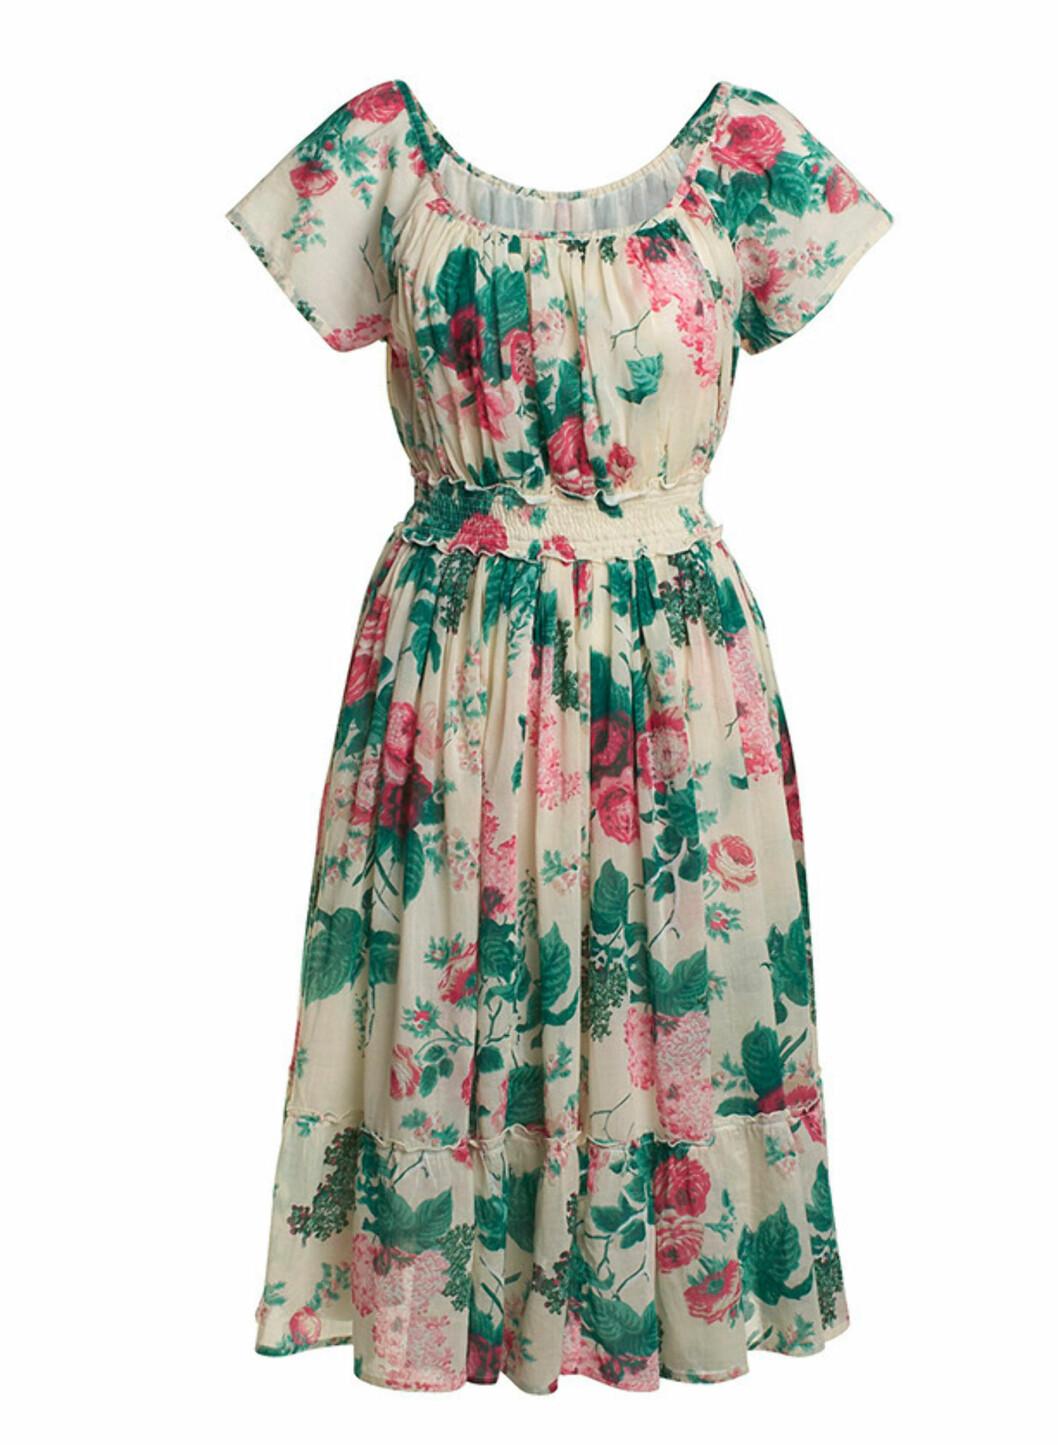 Vintageaktig kjole med blomstermønster i 100 prosent bomull (kr.199/Lindex). Foto: Produsenten